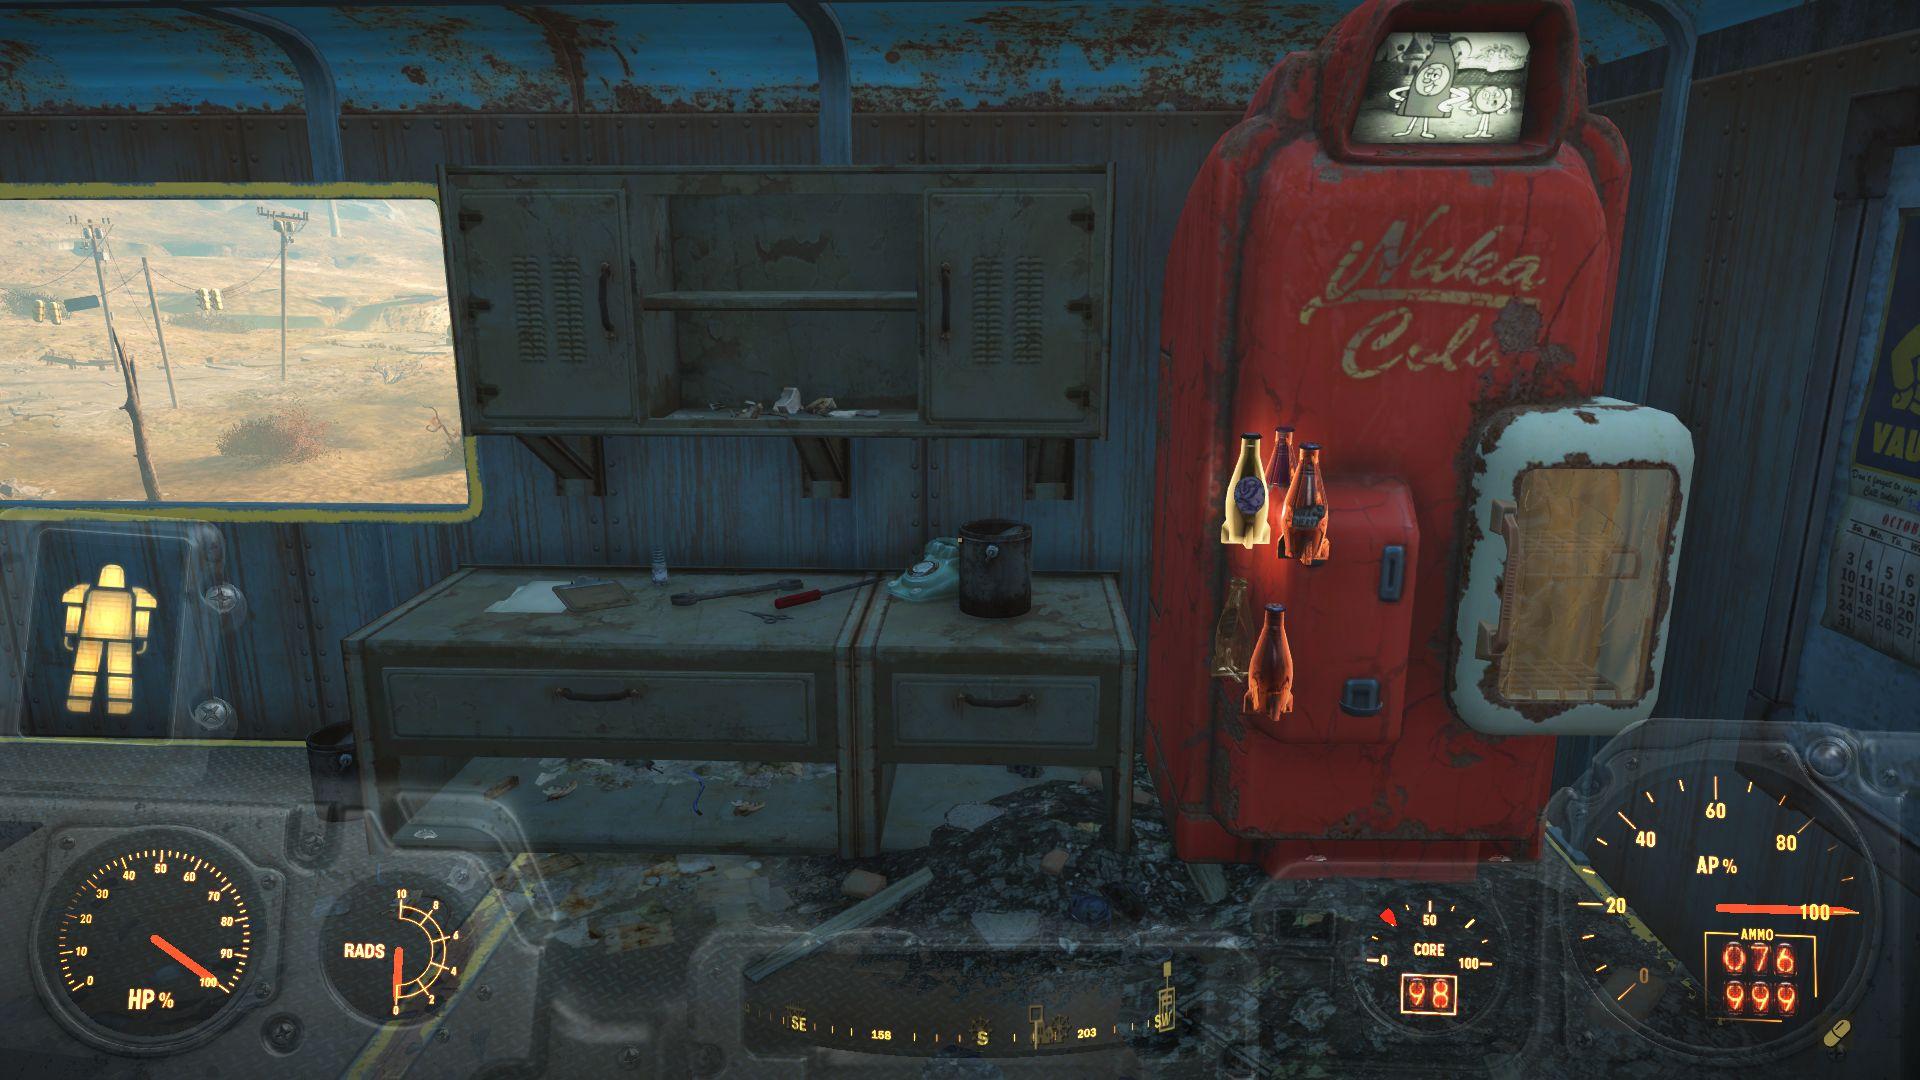 бутылки неправильно сложились - Fallout 4 баг, бутылки, кола